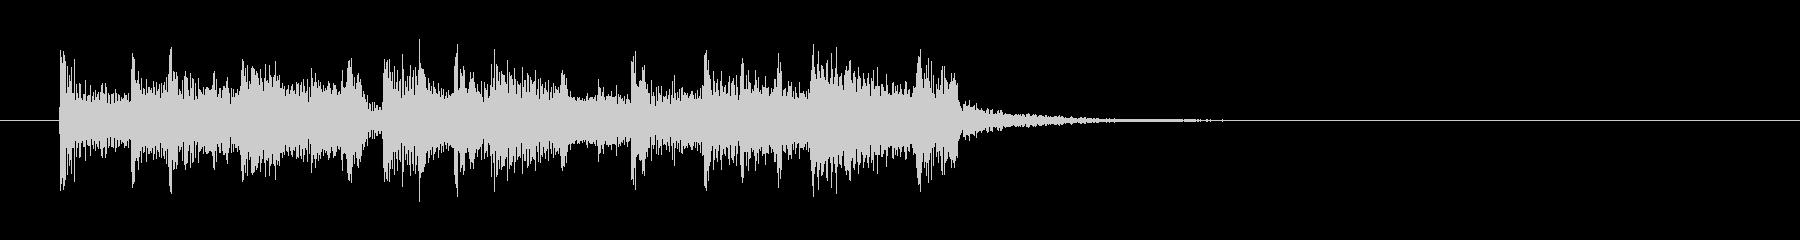 ボサノバ調の軽いポップスの未再生の波形